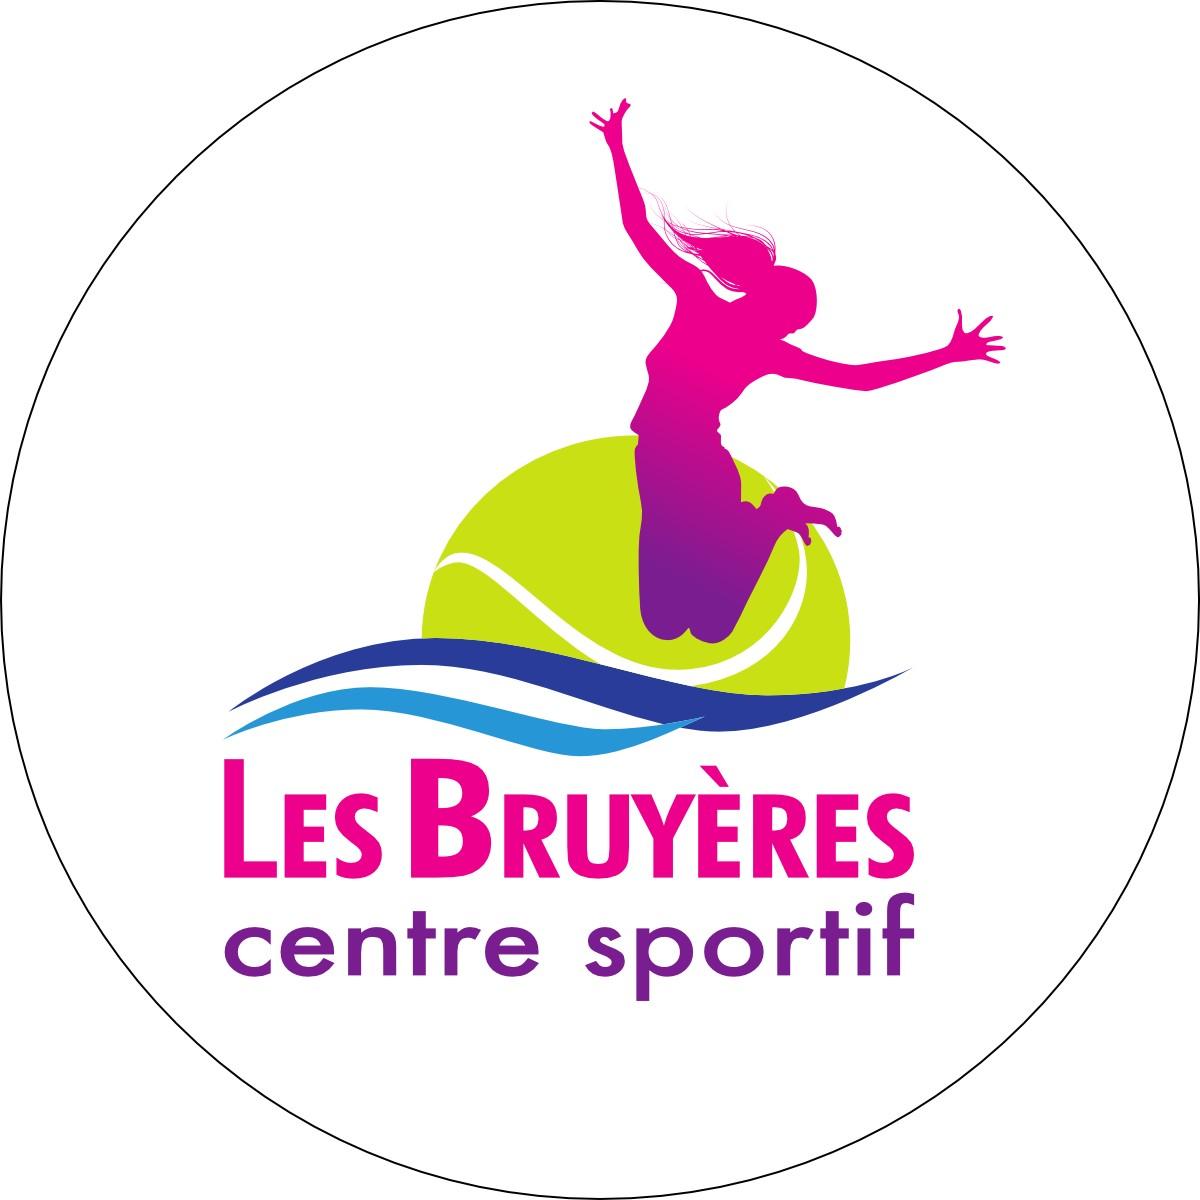 logo-Bruyeres cały wiosła